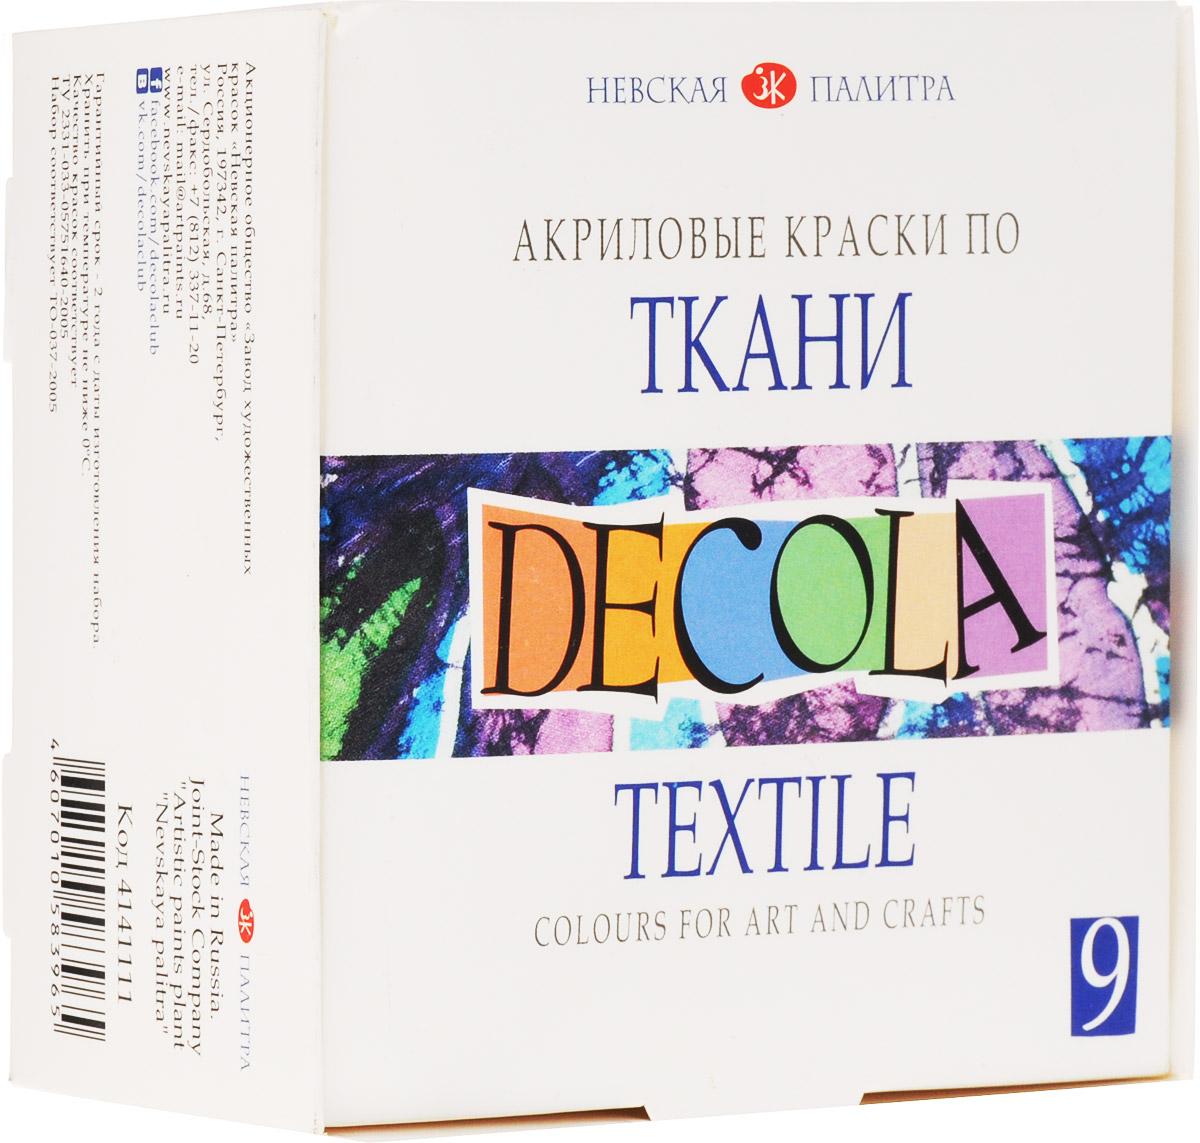 Decola Акриловые краски по ткани 9 цветов4141111Краски по ткани на основе водной акриловой дисперсии предназначены для росписи хлопчатобумажных и шелковых тканей.При росписи синтетических тканей рекомендуется убедиться в прочности закрепления рисунка на образце ткани в соответствии с инструкцией по применению. Ткань предварительно выстирайте, выгладите, натяните на рамку или разложите на рабочем столе. Перед применением краску тщательно перемешайте. Нанесите краску кистью тонким и ровным слоем. Для разбавления красок с целью снижения интенсивности цвета и улучшения растекания красок используйте специальный разбавитель Decola.Просушите роспись в течение 24 часов. Прогладьте утюгом без пара 5 минут через хлопчатобумажную ткань при температуре, советующей ткани. Спустя 48 часов после проглаживания допускается стирка изделия мягкими моющими средствами при температуре от 30 до 40 градусов без сильного механического воздействия. Храните краски в плотно закрытой таре. Кисти и инструменты сразу после работы промойте водой. При попадании на кожу смойте водой.В упаковке краска 9 цветов.